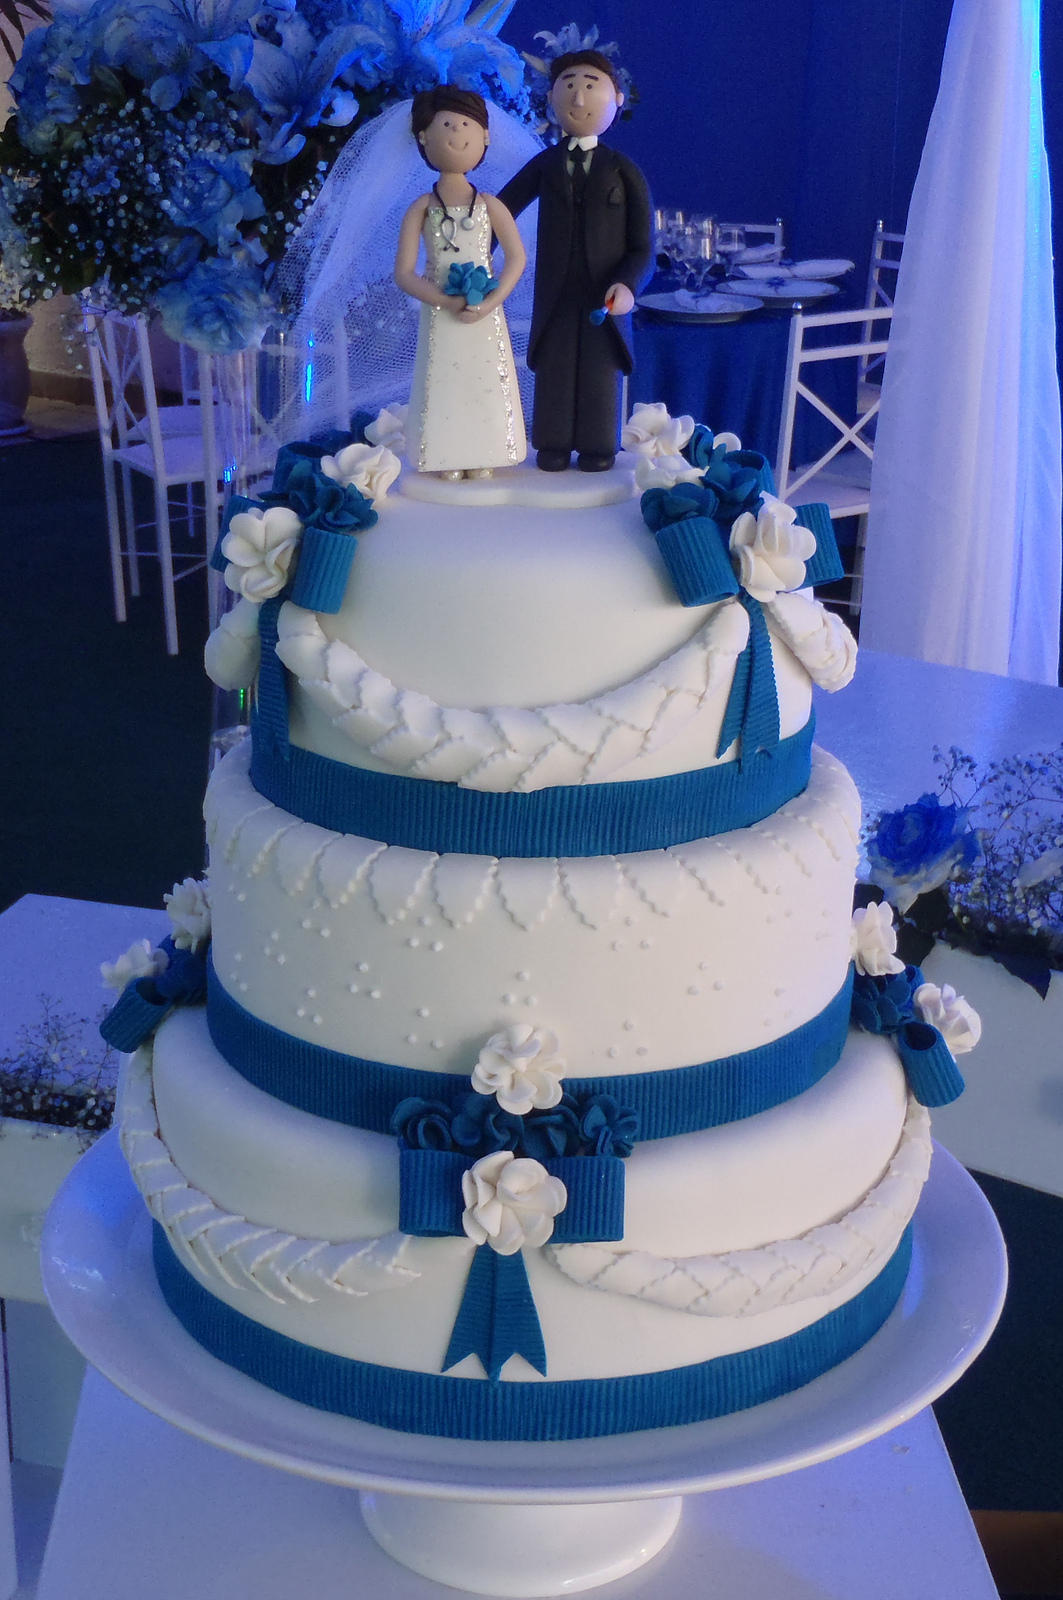 casamento-azul-e-branco-18